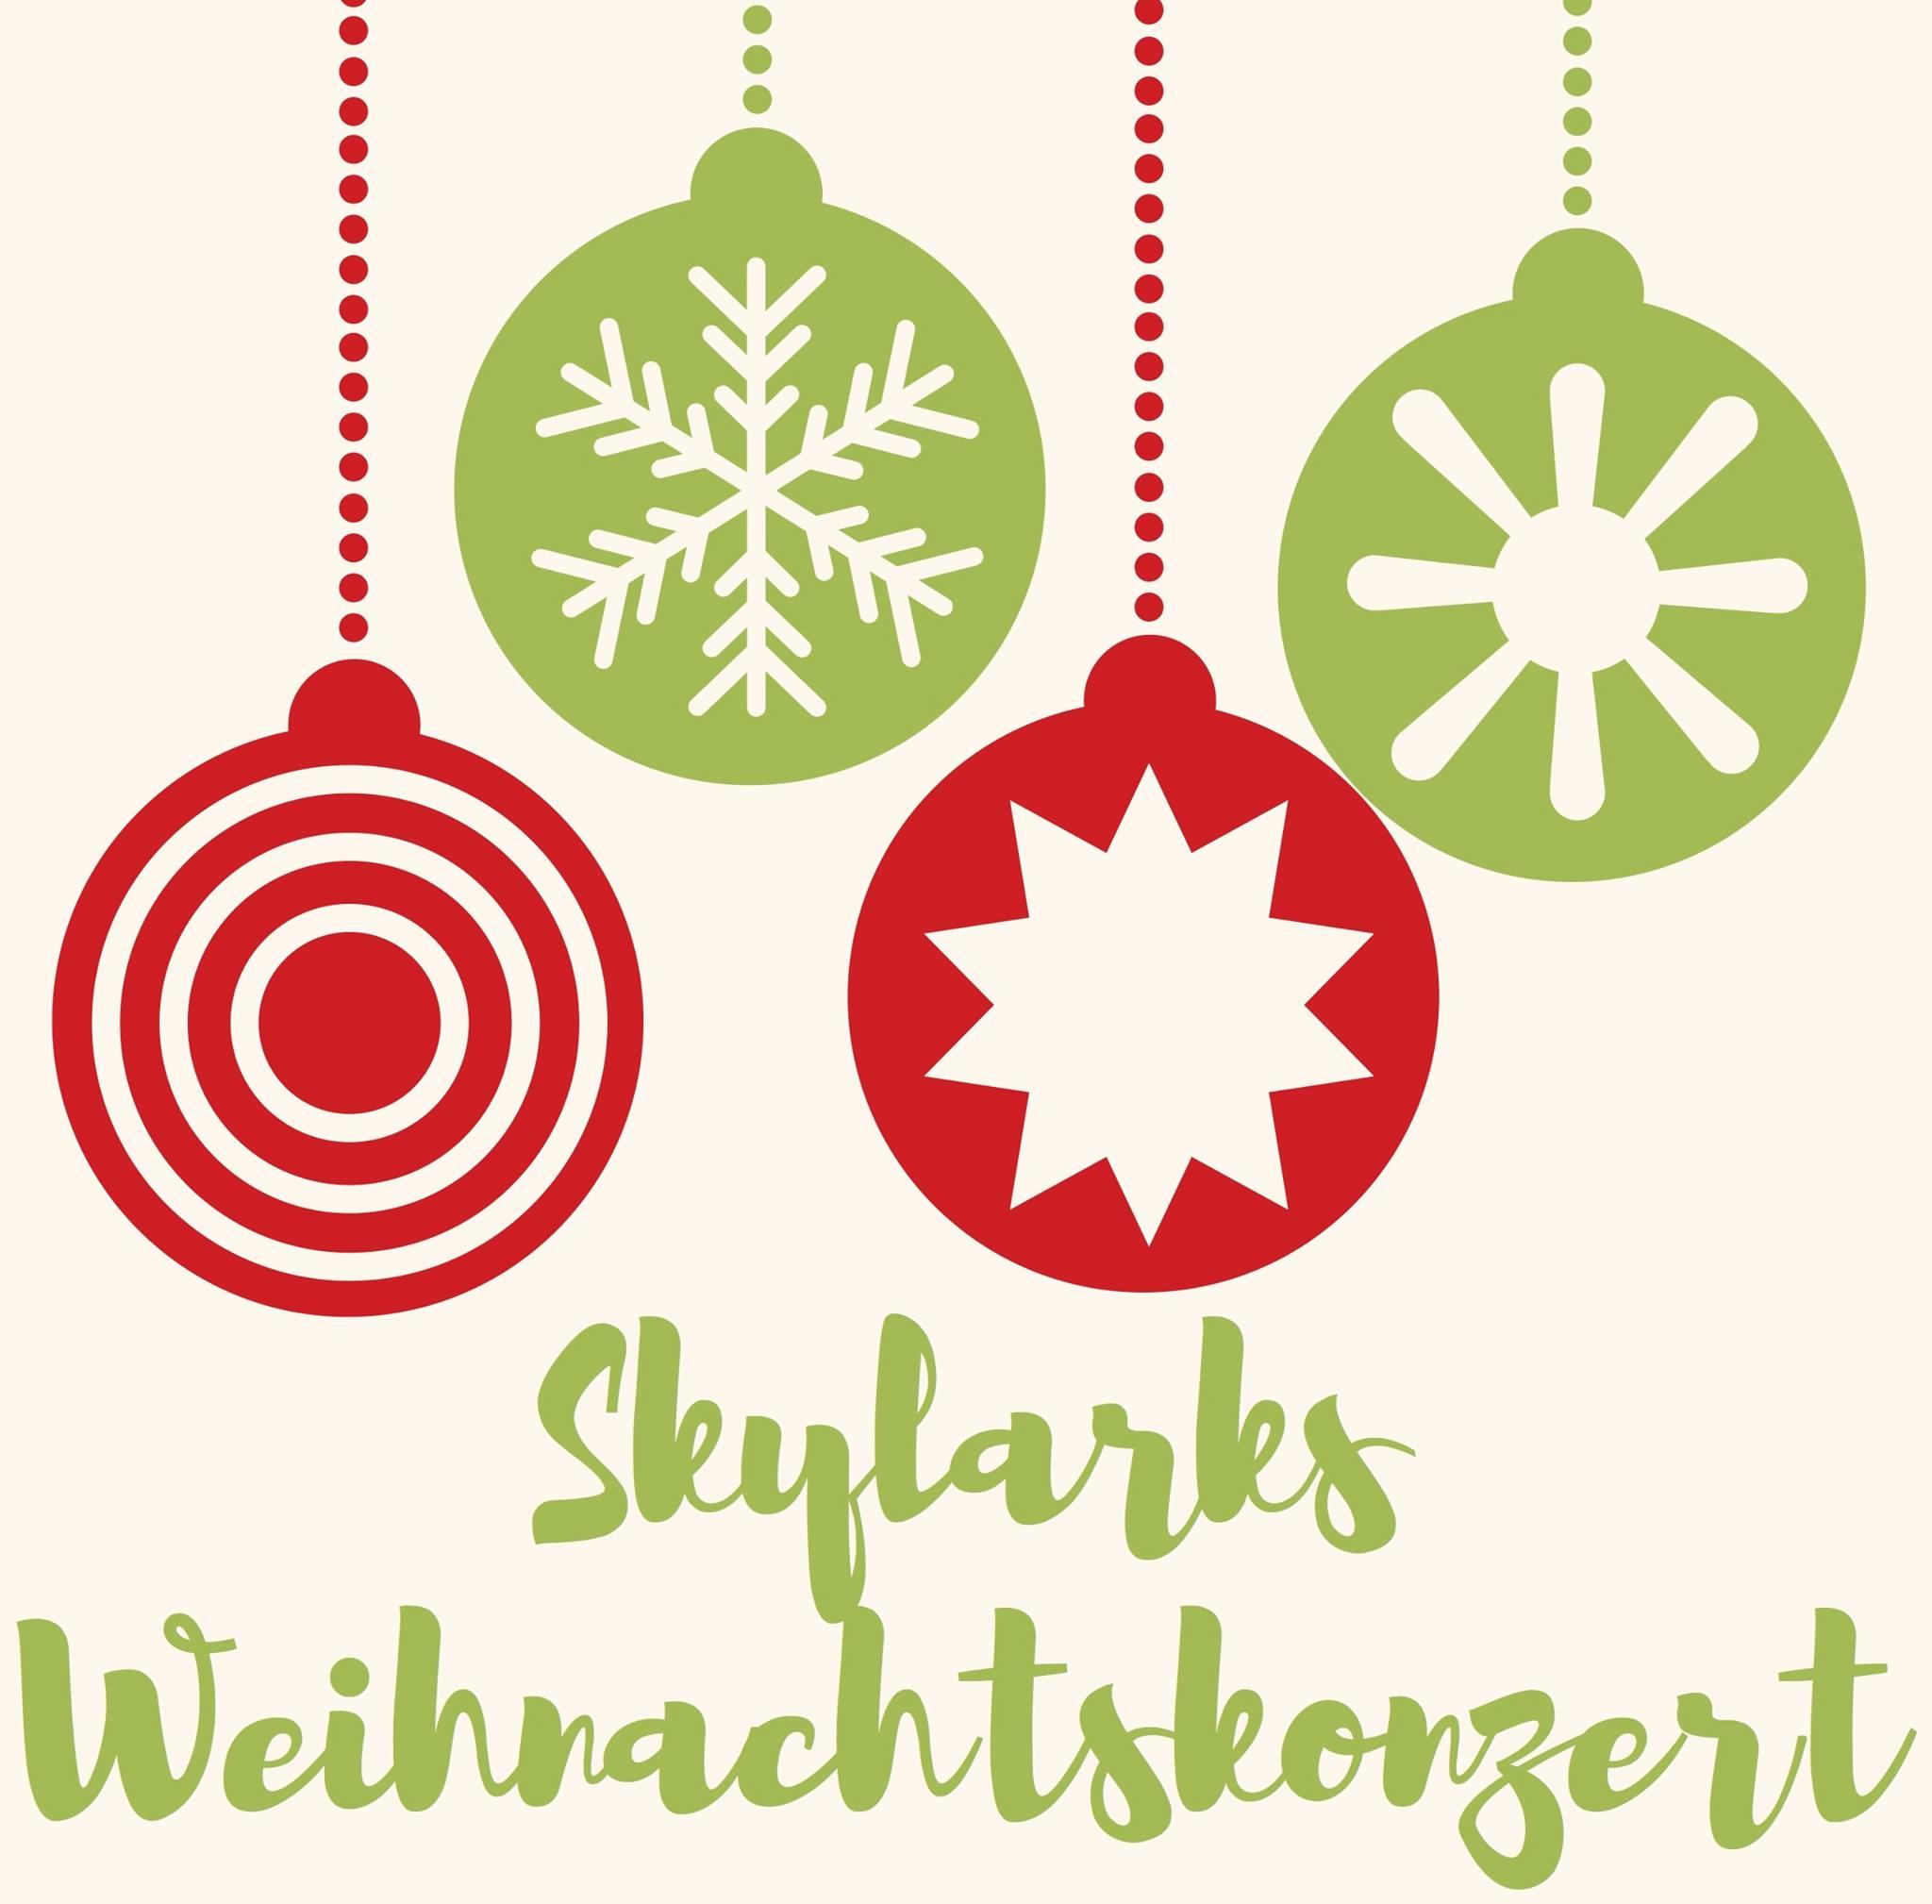 Skylarks Weihnachtskonzerte